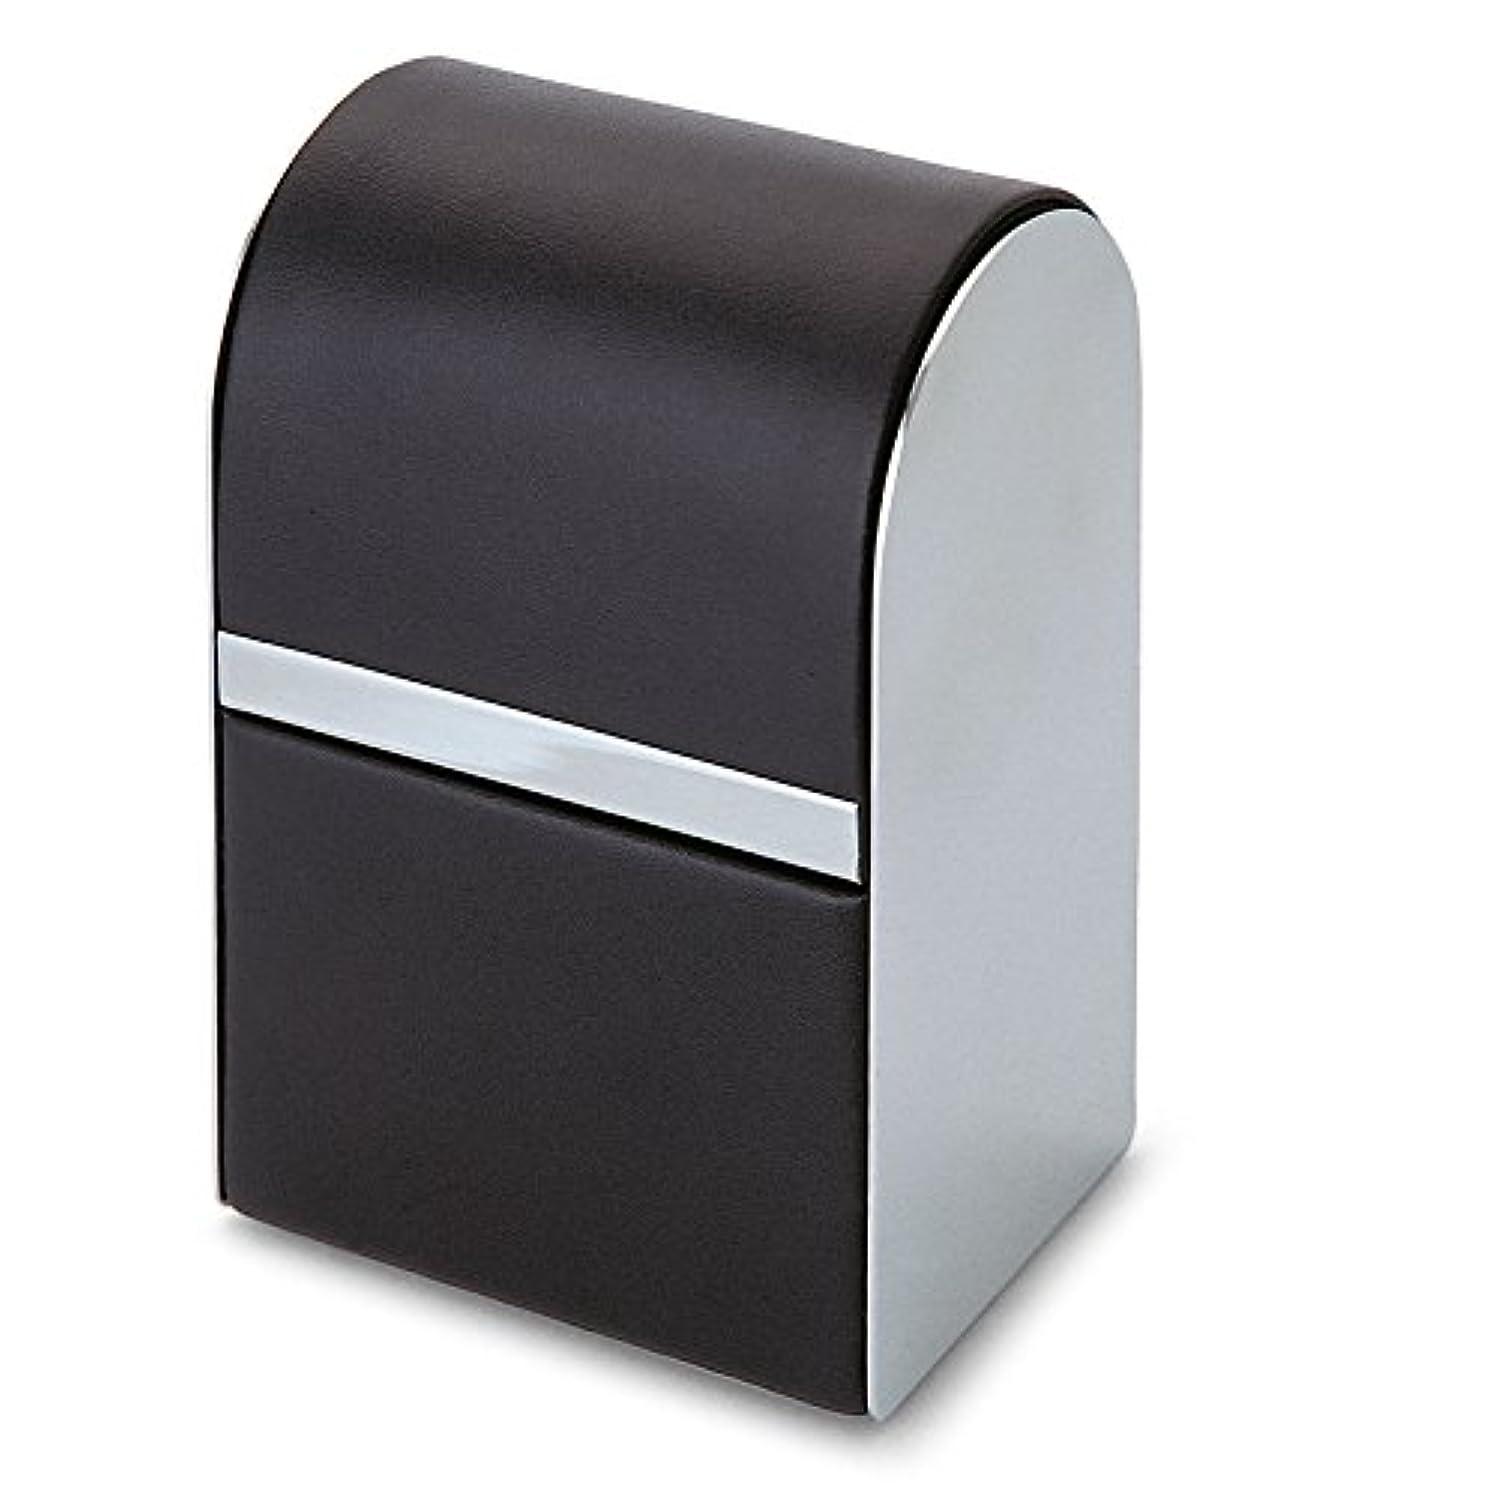 蒸留にぎやかメアリアンジョーンズPhilippi Giorgio メンズ身だしなみキット 7pcsセット leather stainless polished